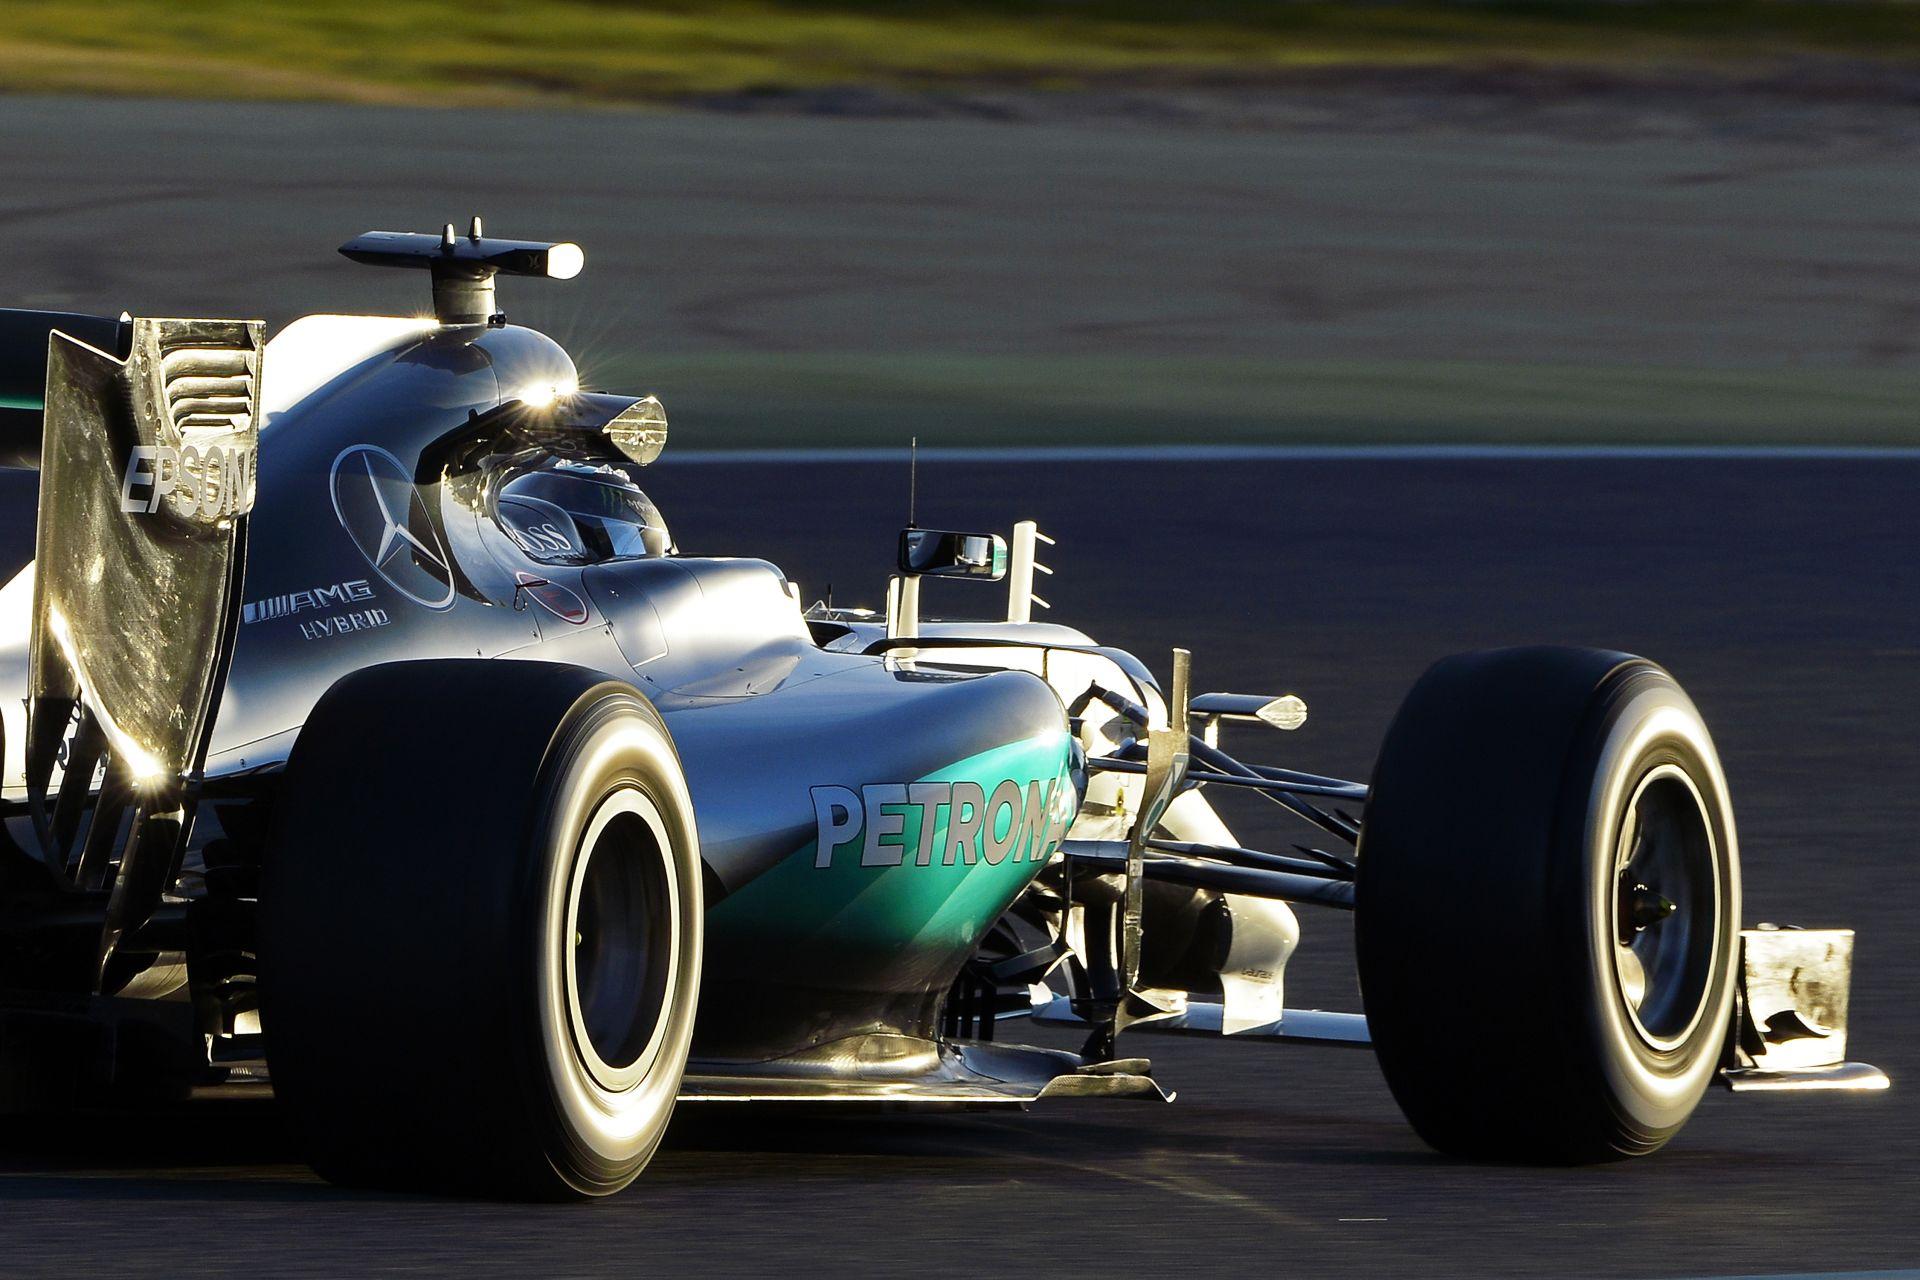 Rosbergnek tele a hócipője a médiával – sok hazugság jelenik meg, amin néha felhúzza magát!